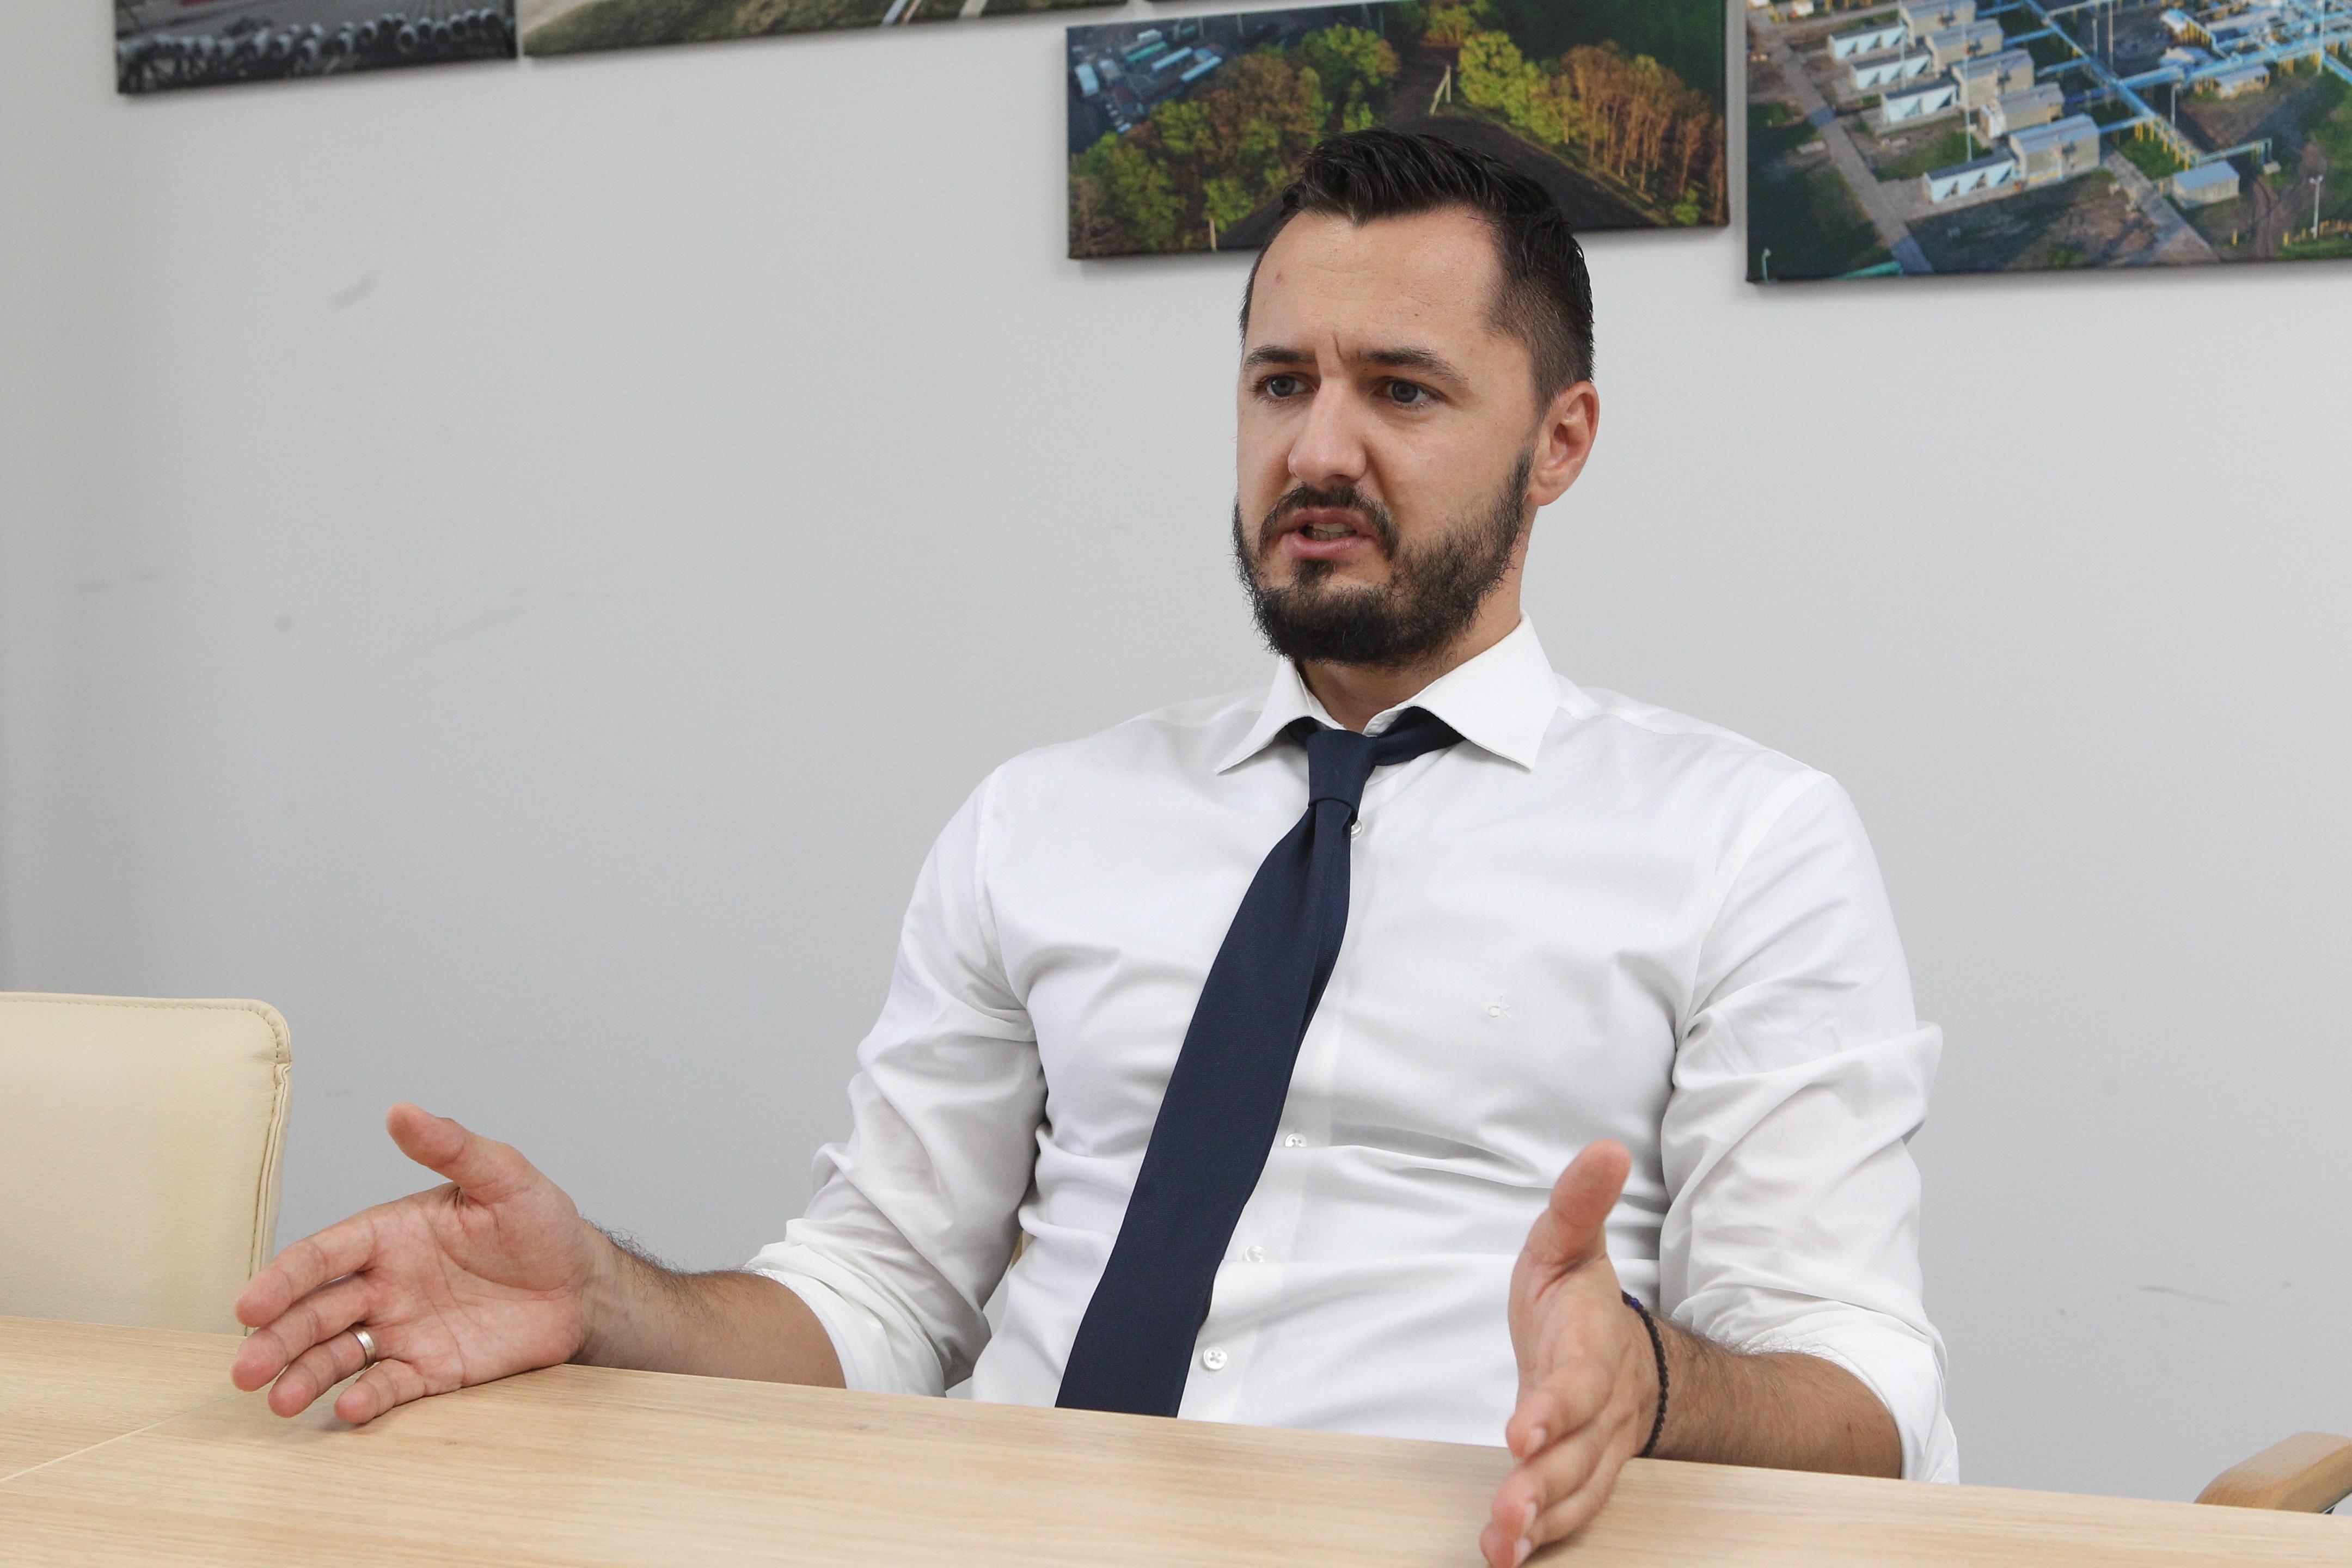 Роман Опимах, Ассоциация газодобывающих компаний: Чтобы увеличить добычу газа до 27 млрд куб. м в Украине – нужно $5-6 млрд.